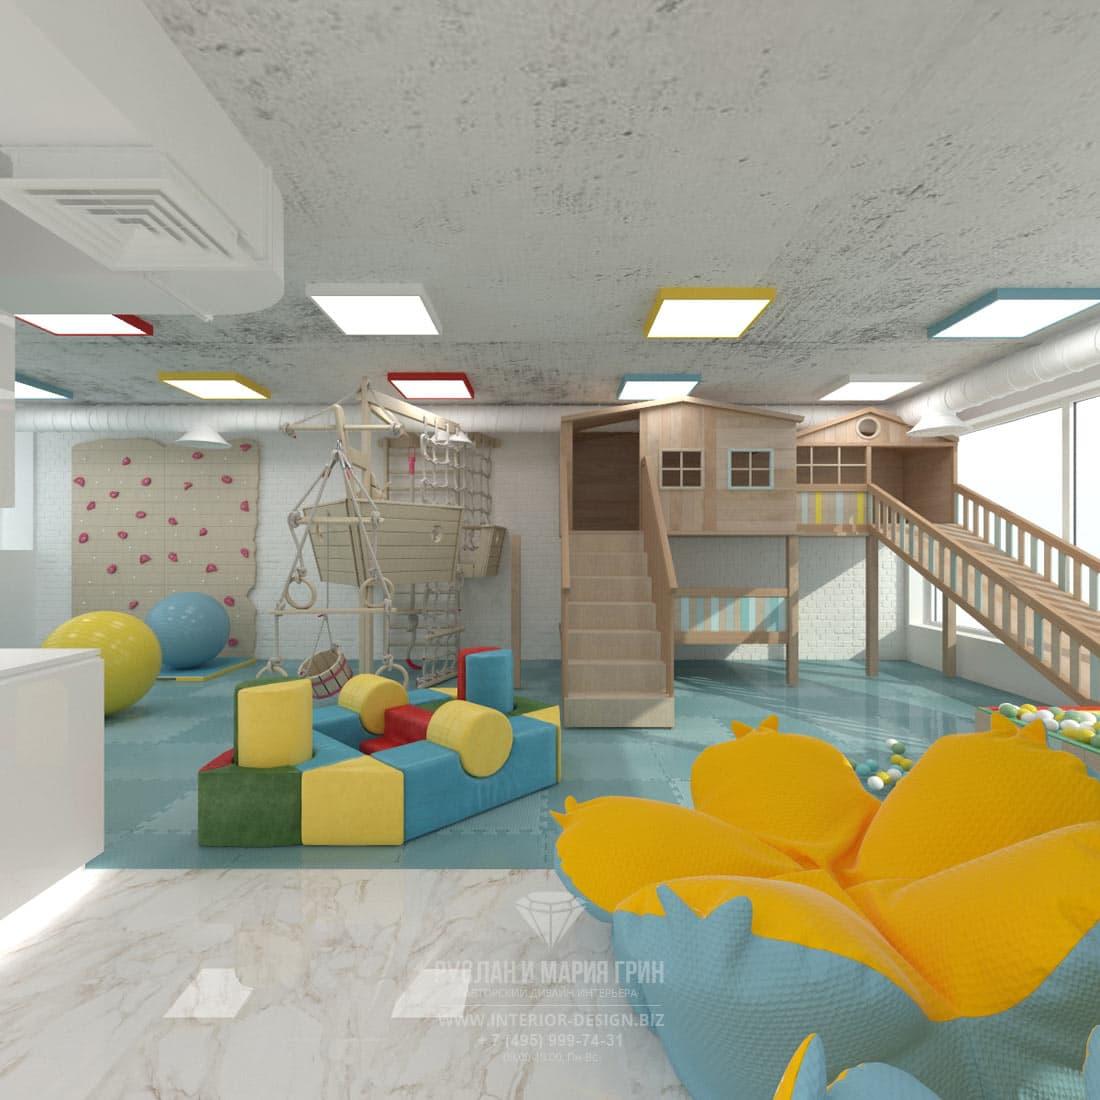 Дизайн интерьера современного салона красоты. Детская зона